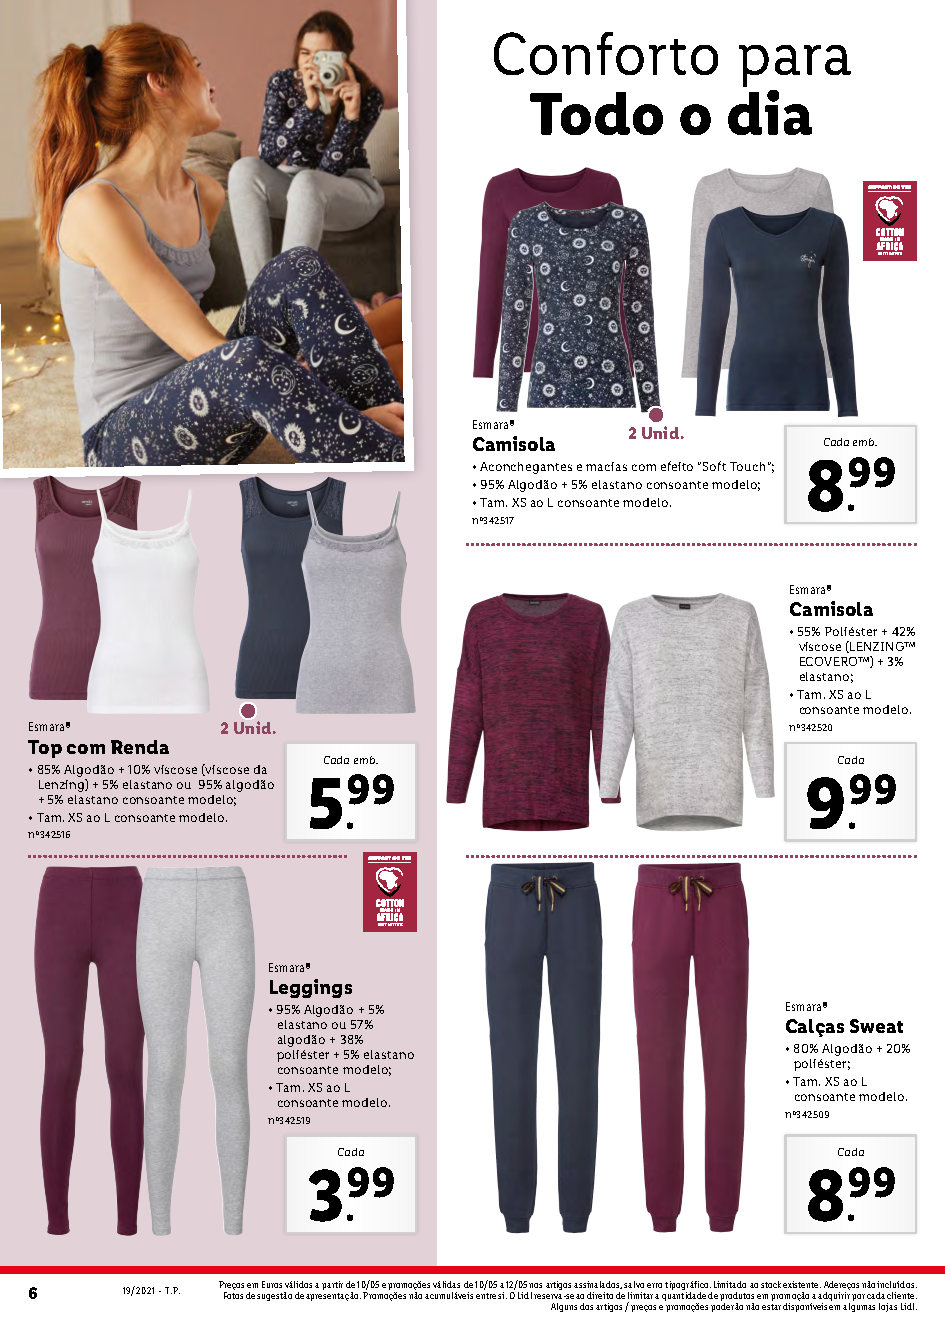 novas promocoes lidl antevisao folheto 10 maio bazar Page1 6